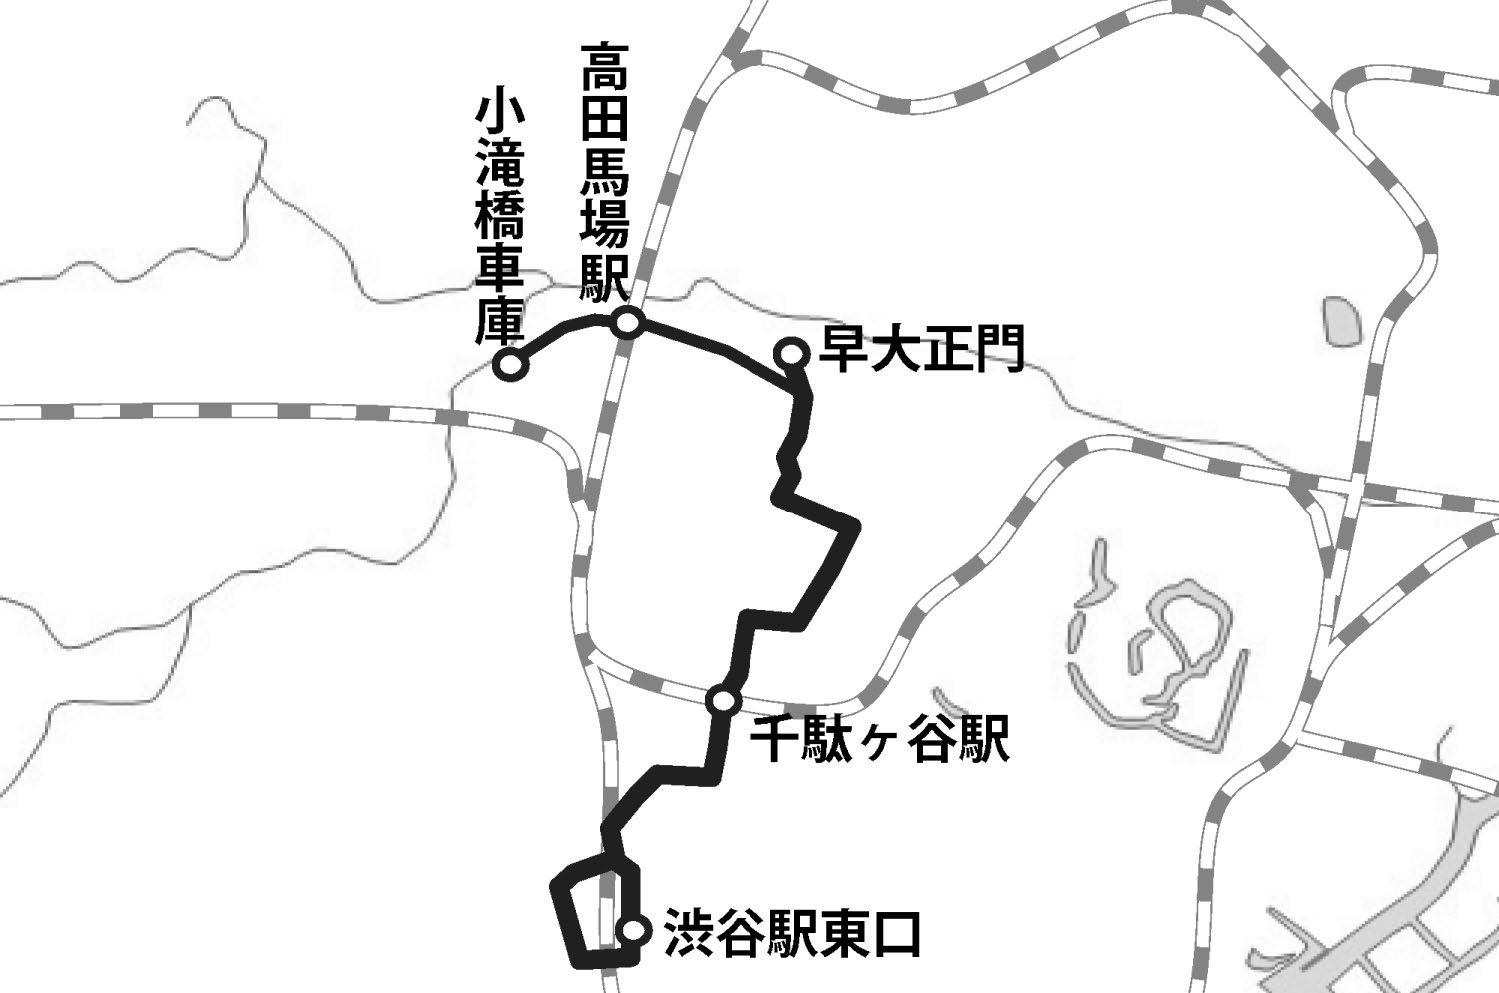 渋谷 駅 から 高田 馬場 駅